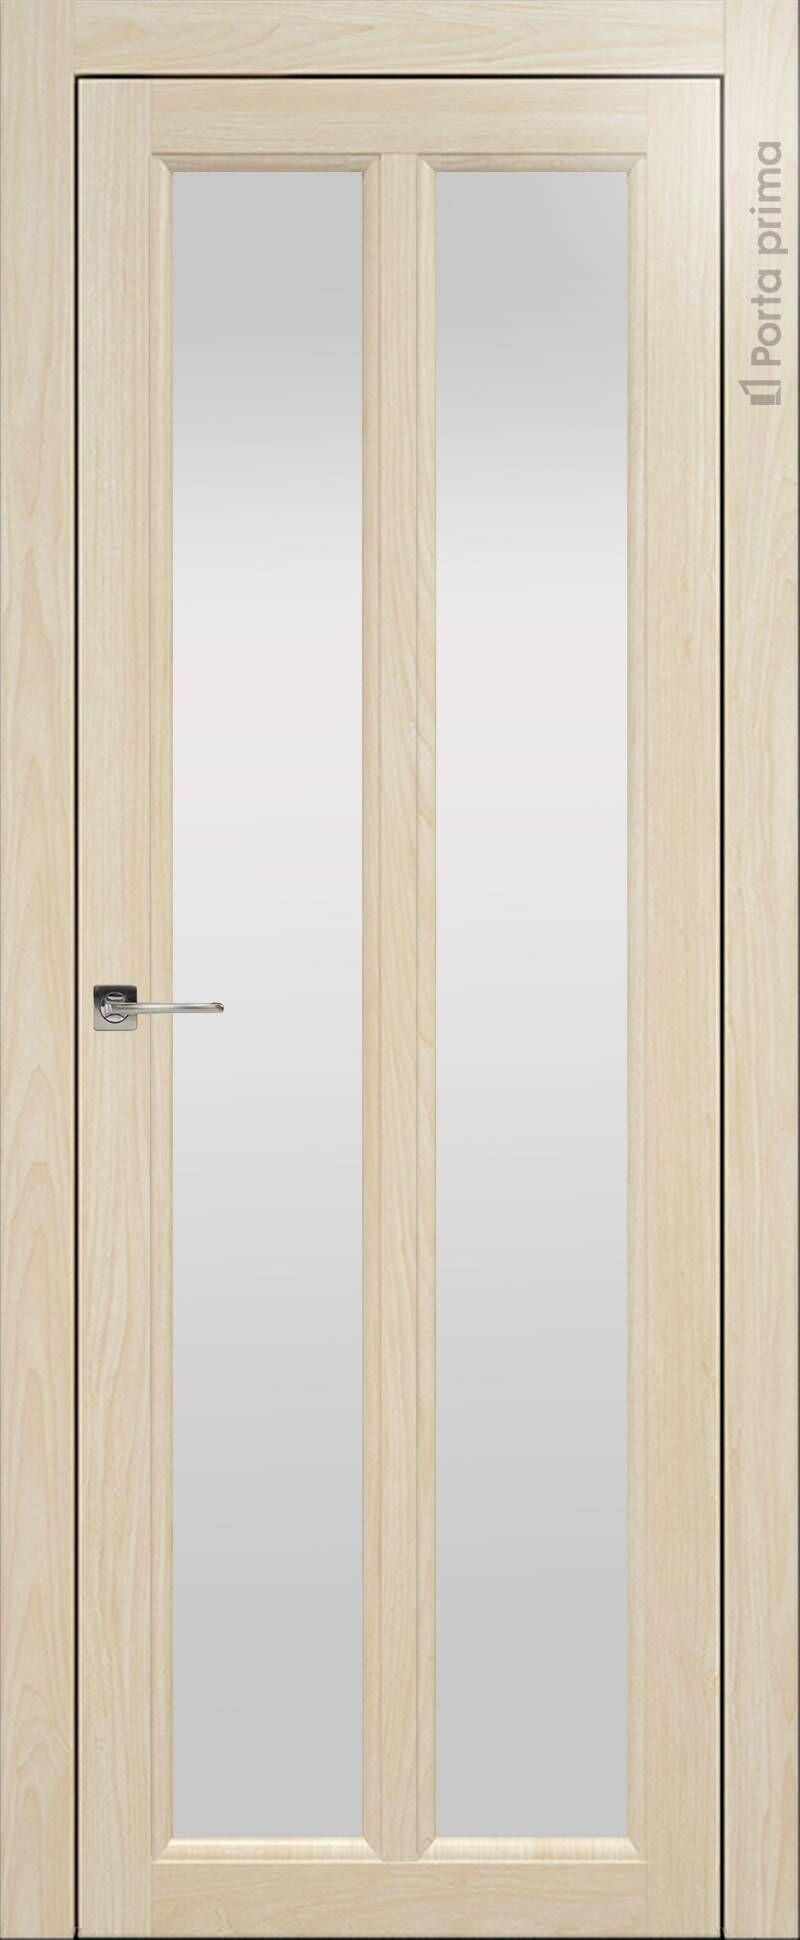 Sorrento-R Д4 цвет - Клен Со стеклом (ДО)